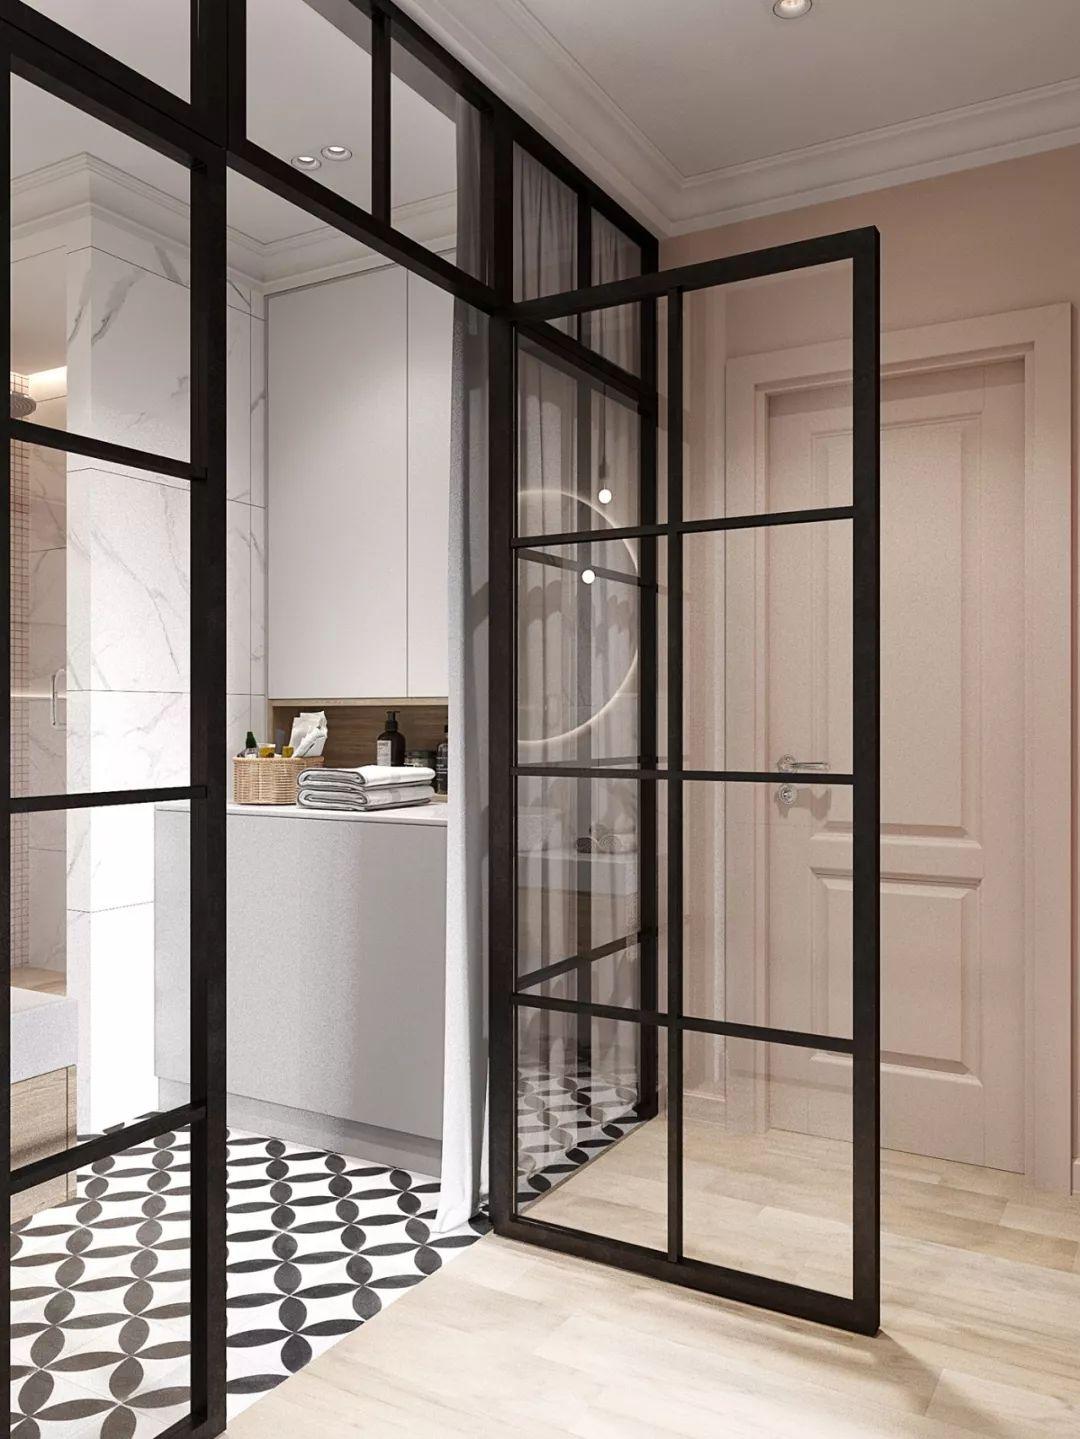 欣赏不一样的浴室门装修设计效果图_学习啦